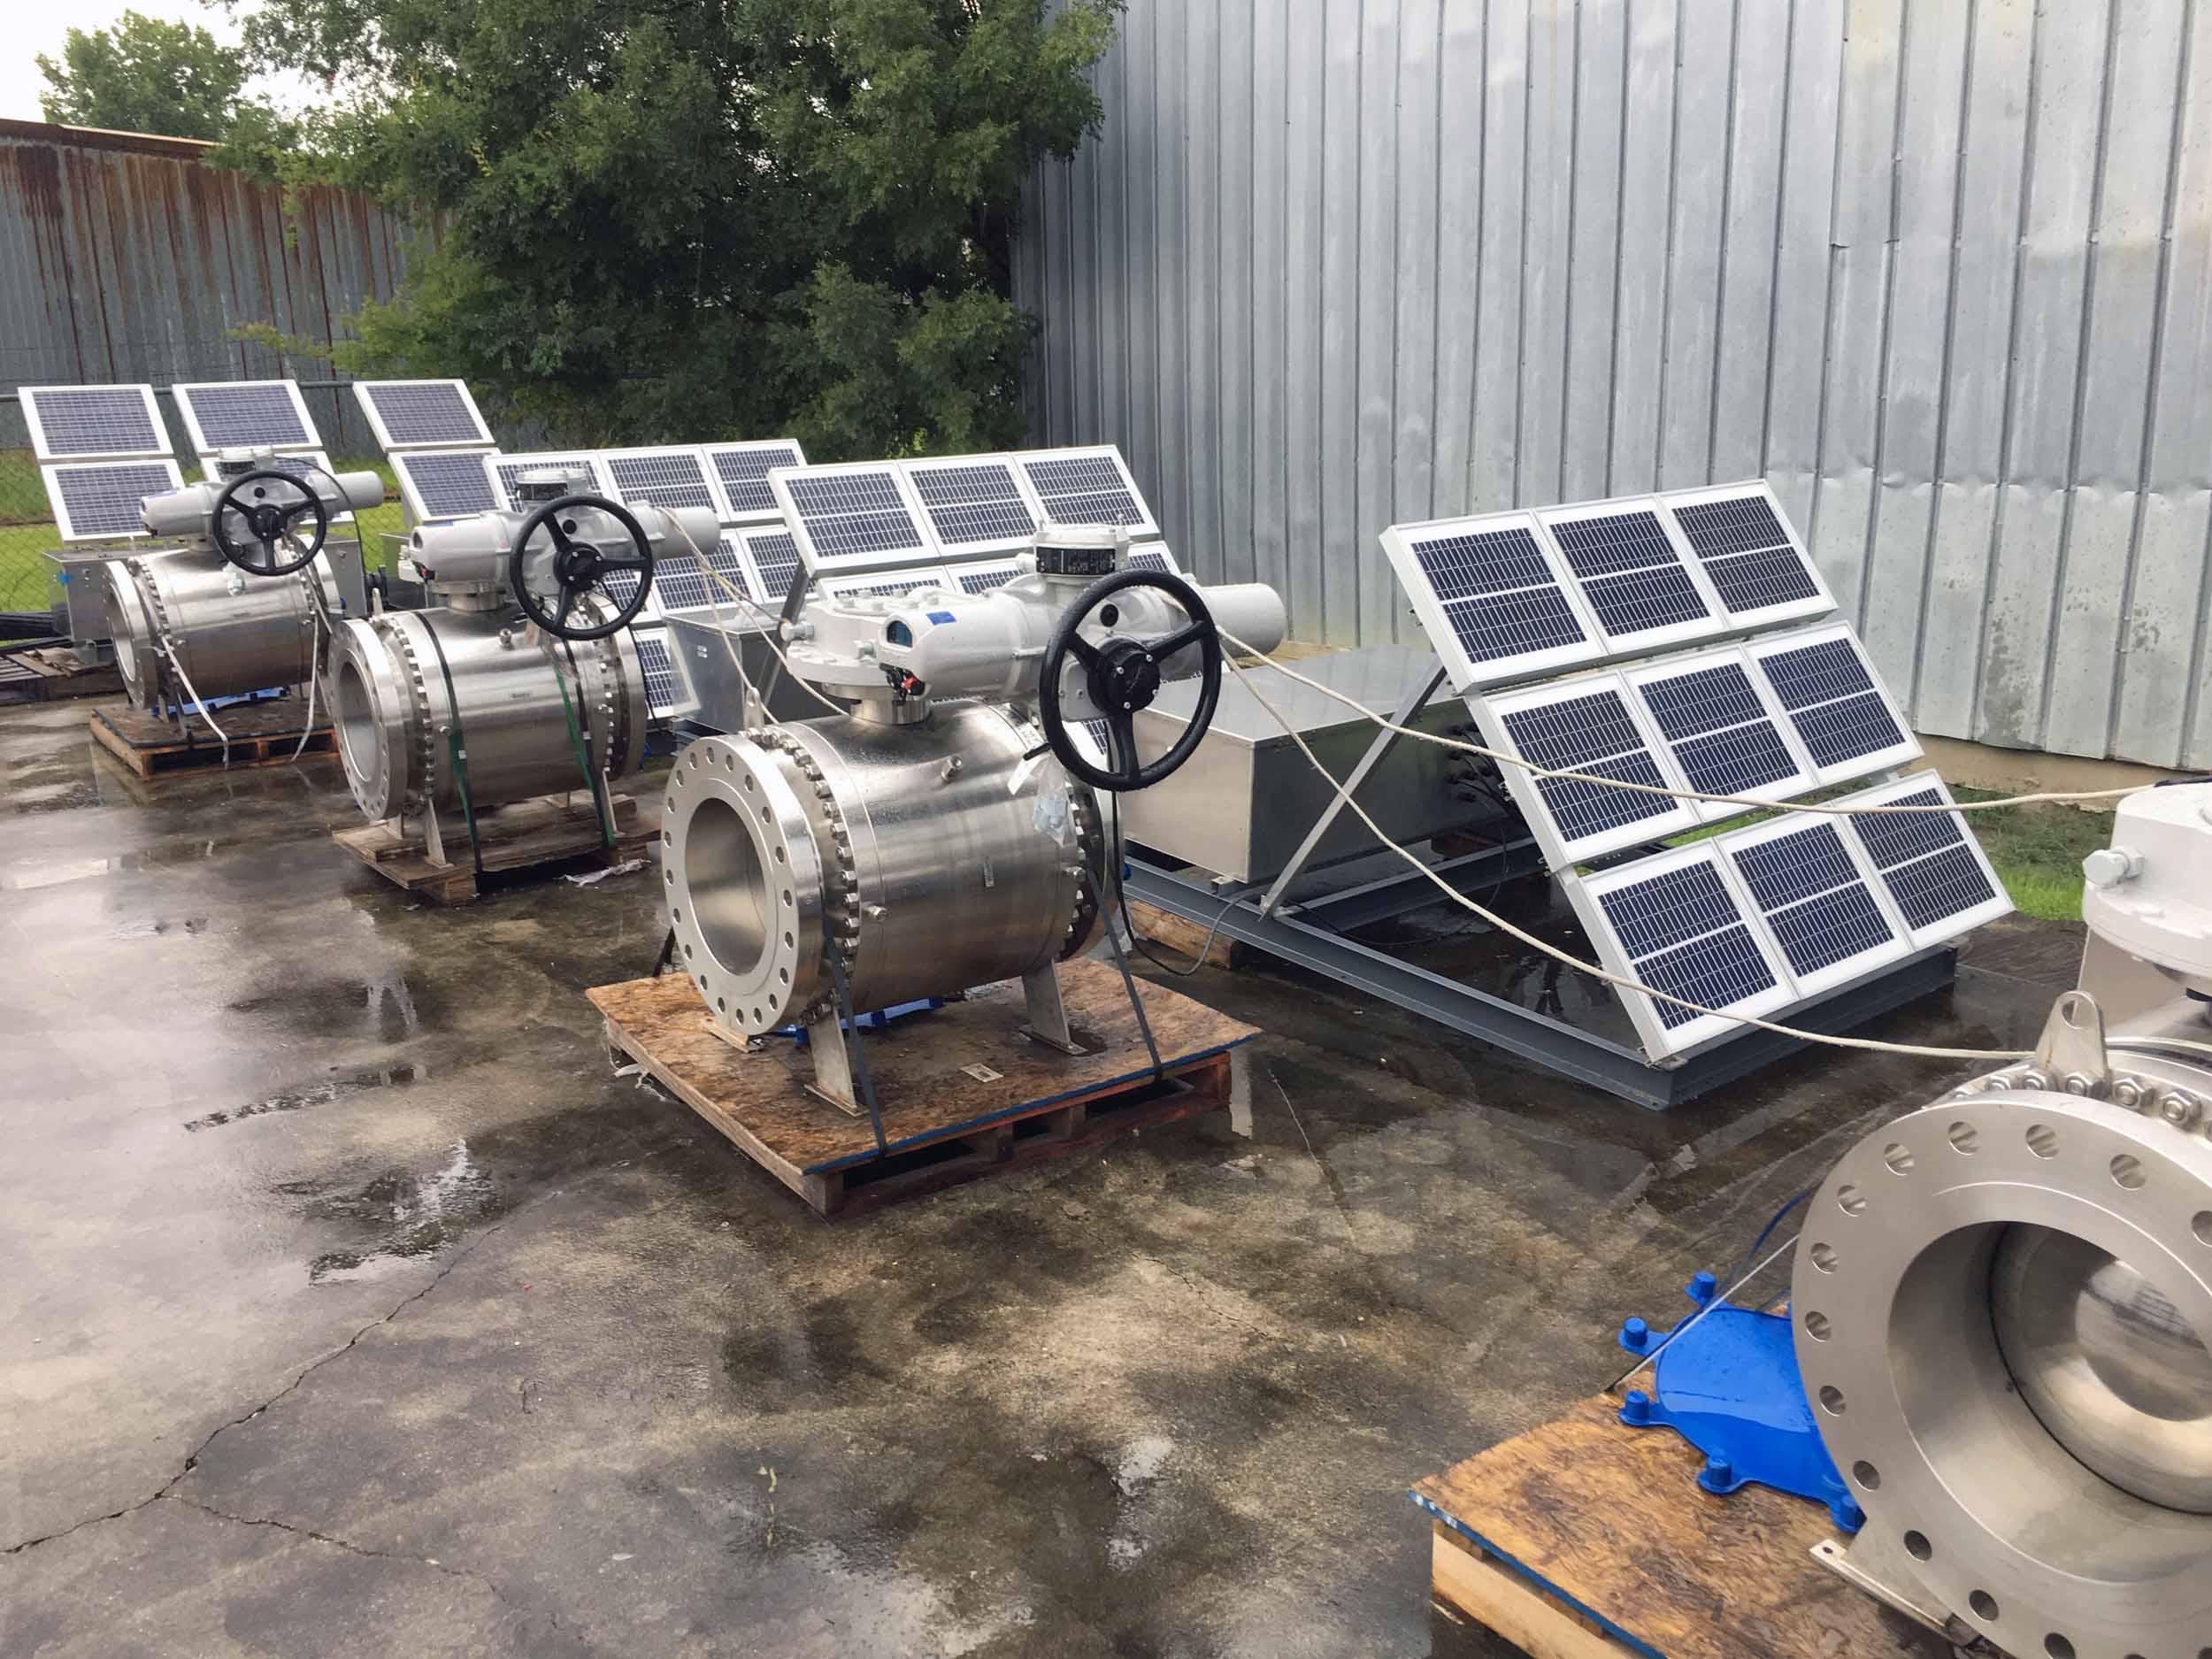 Rotork_solar_solution.jpg